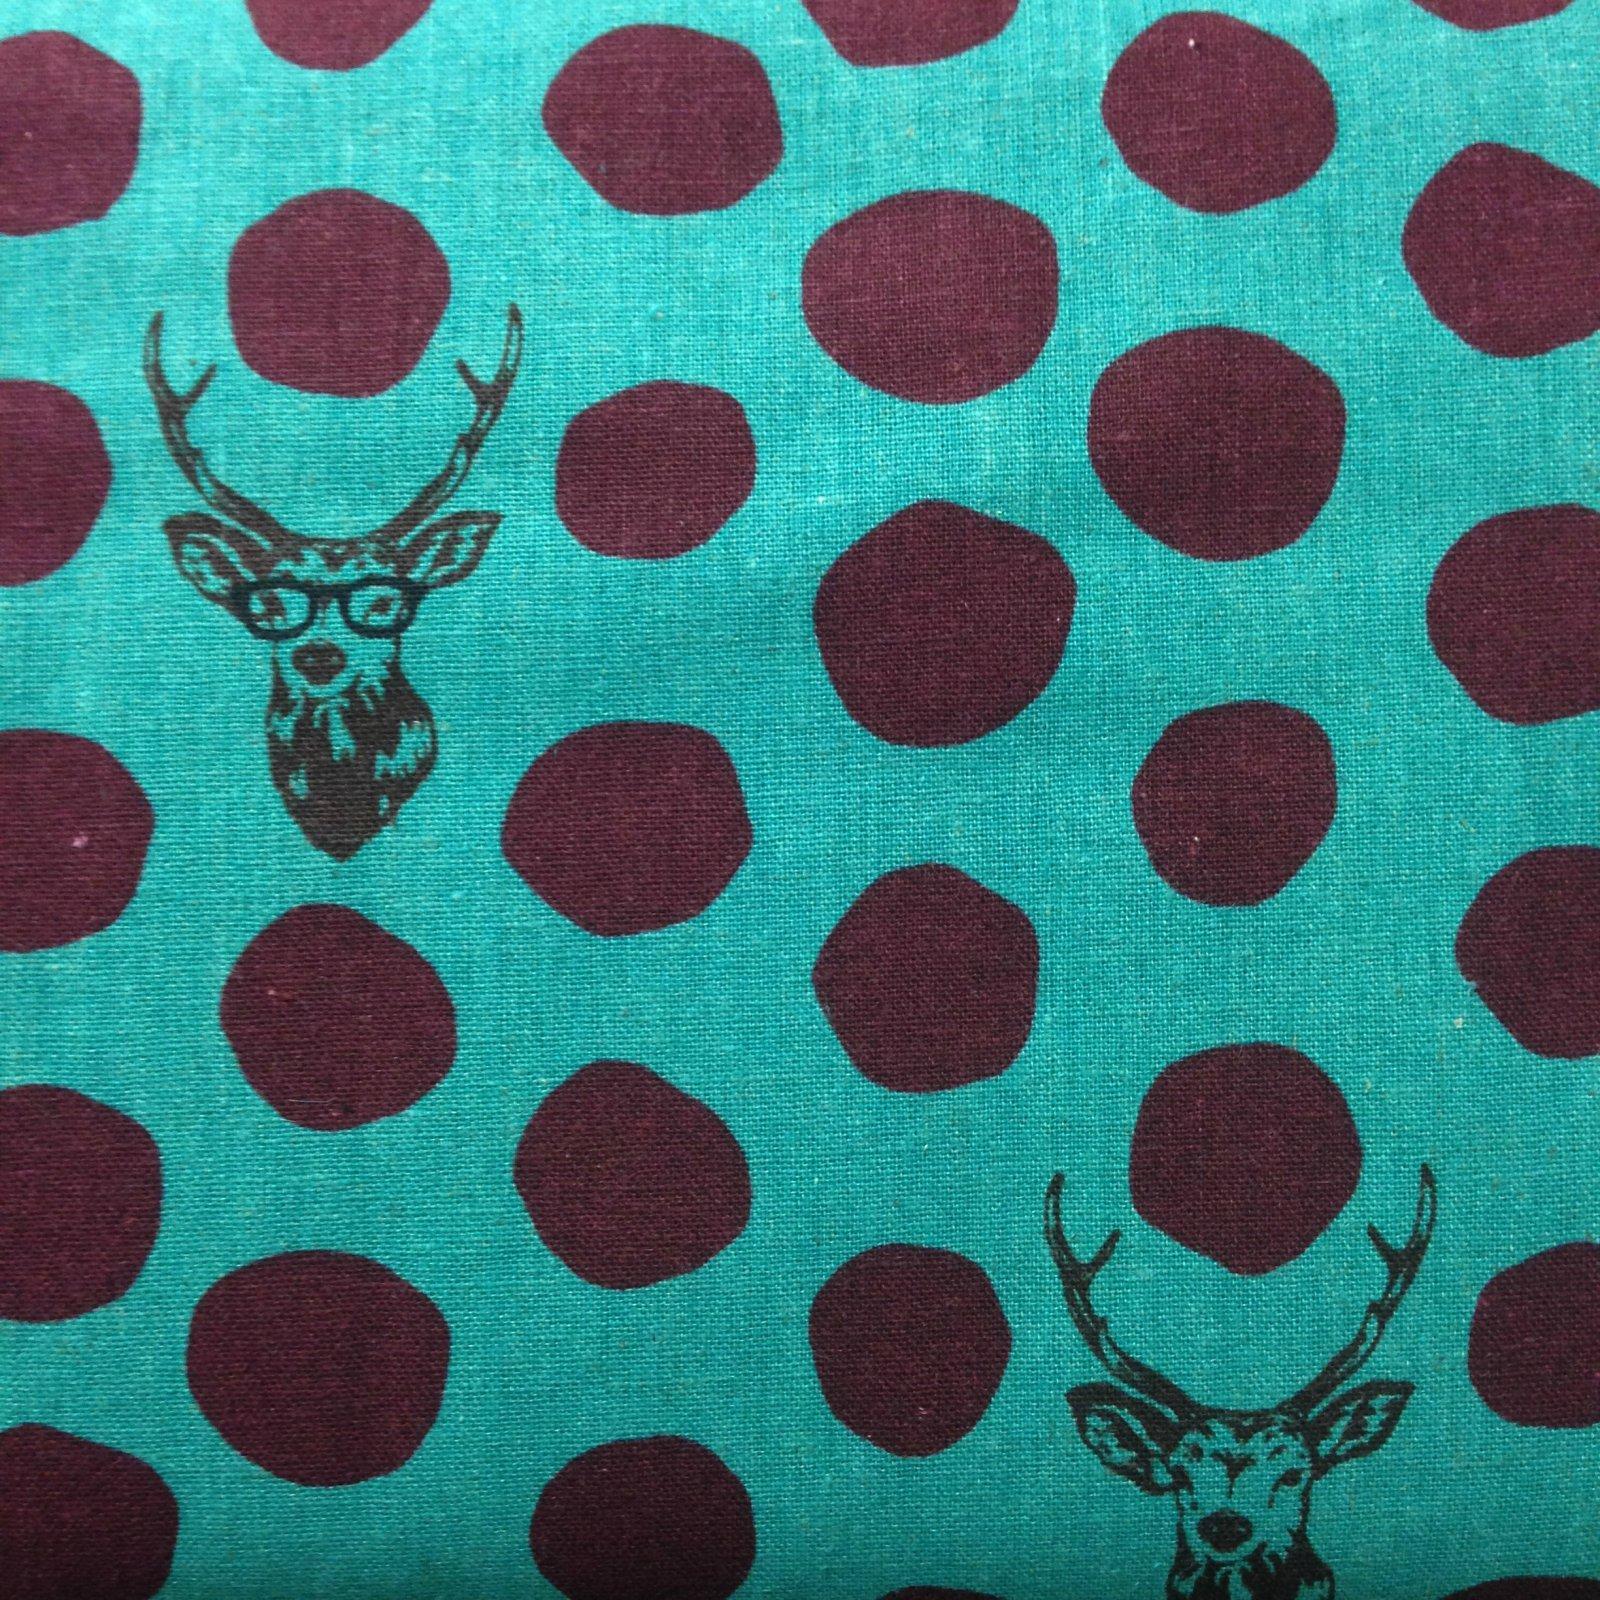 Echino - Fall 2014 - Bucks and Dots - Turquoise